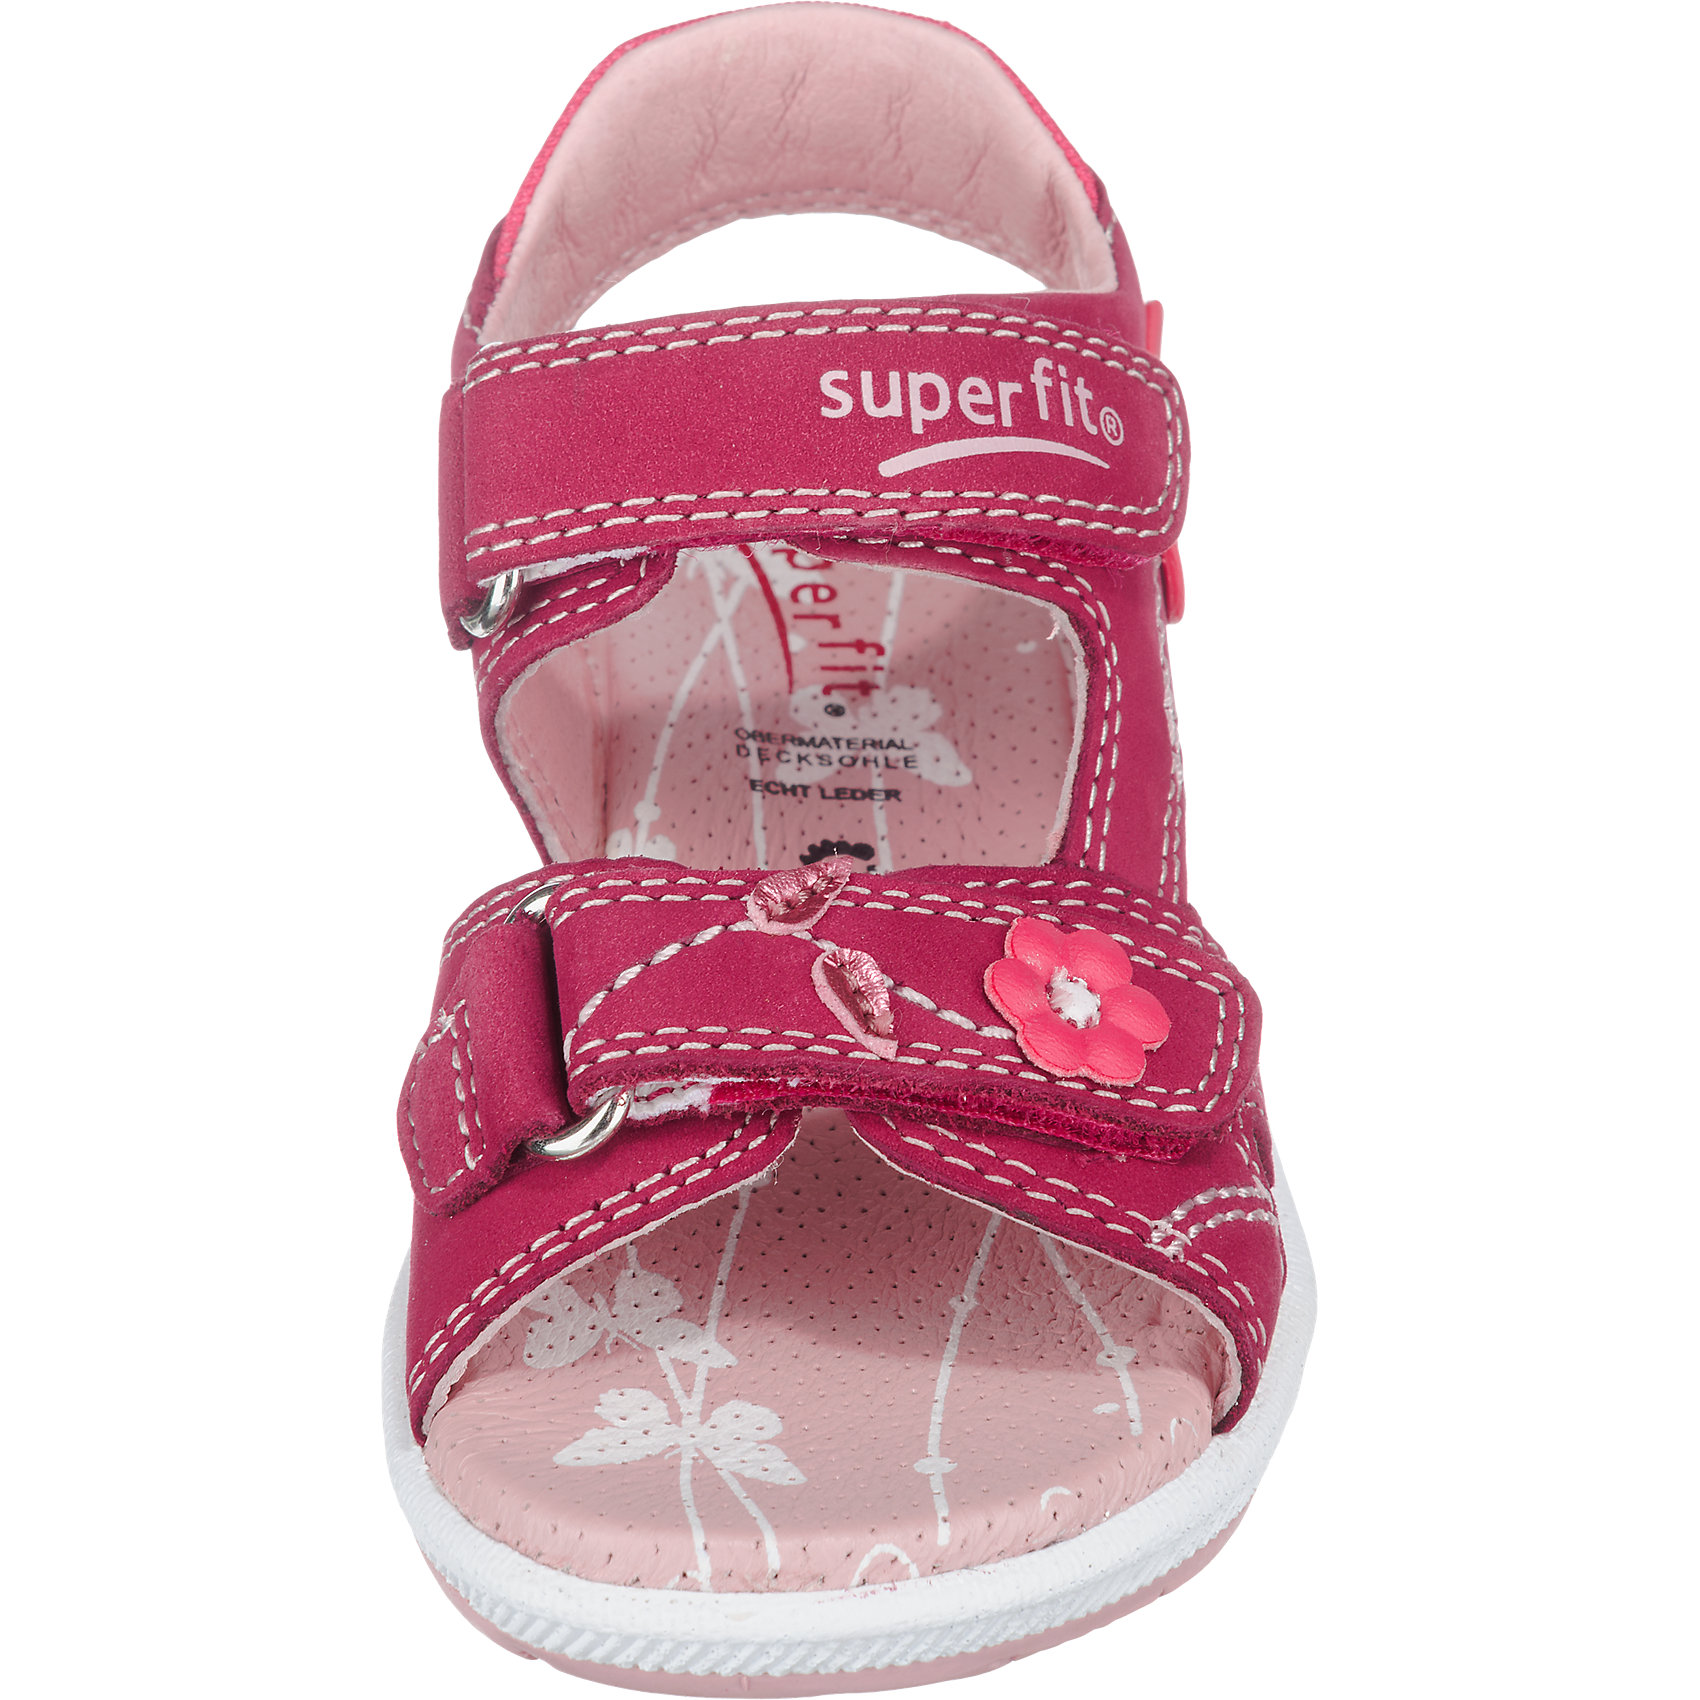 Neu superfit Kinder Sandalen, WMS-Weite M4 pink blau 6870789